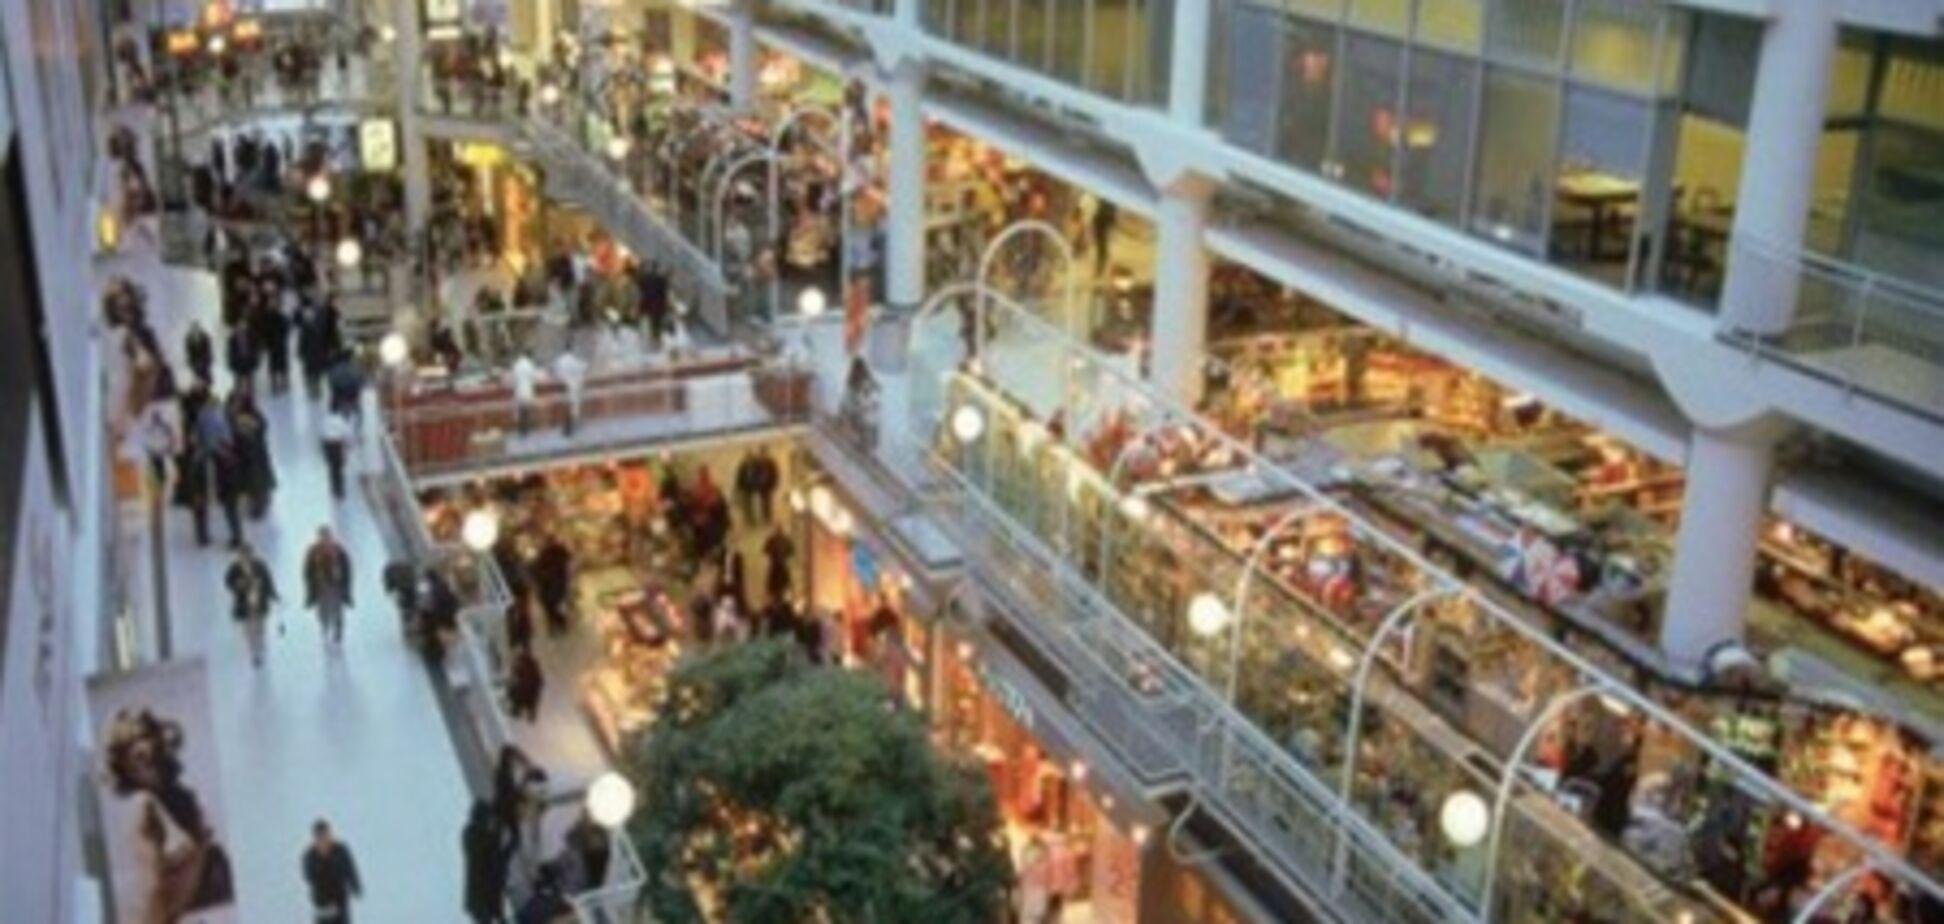 Цены на продажу торговых помещений вторичного рынка выросли